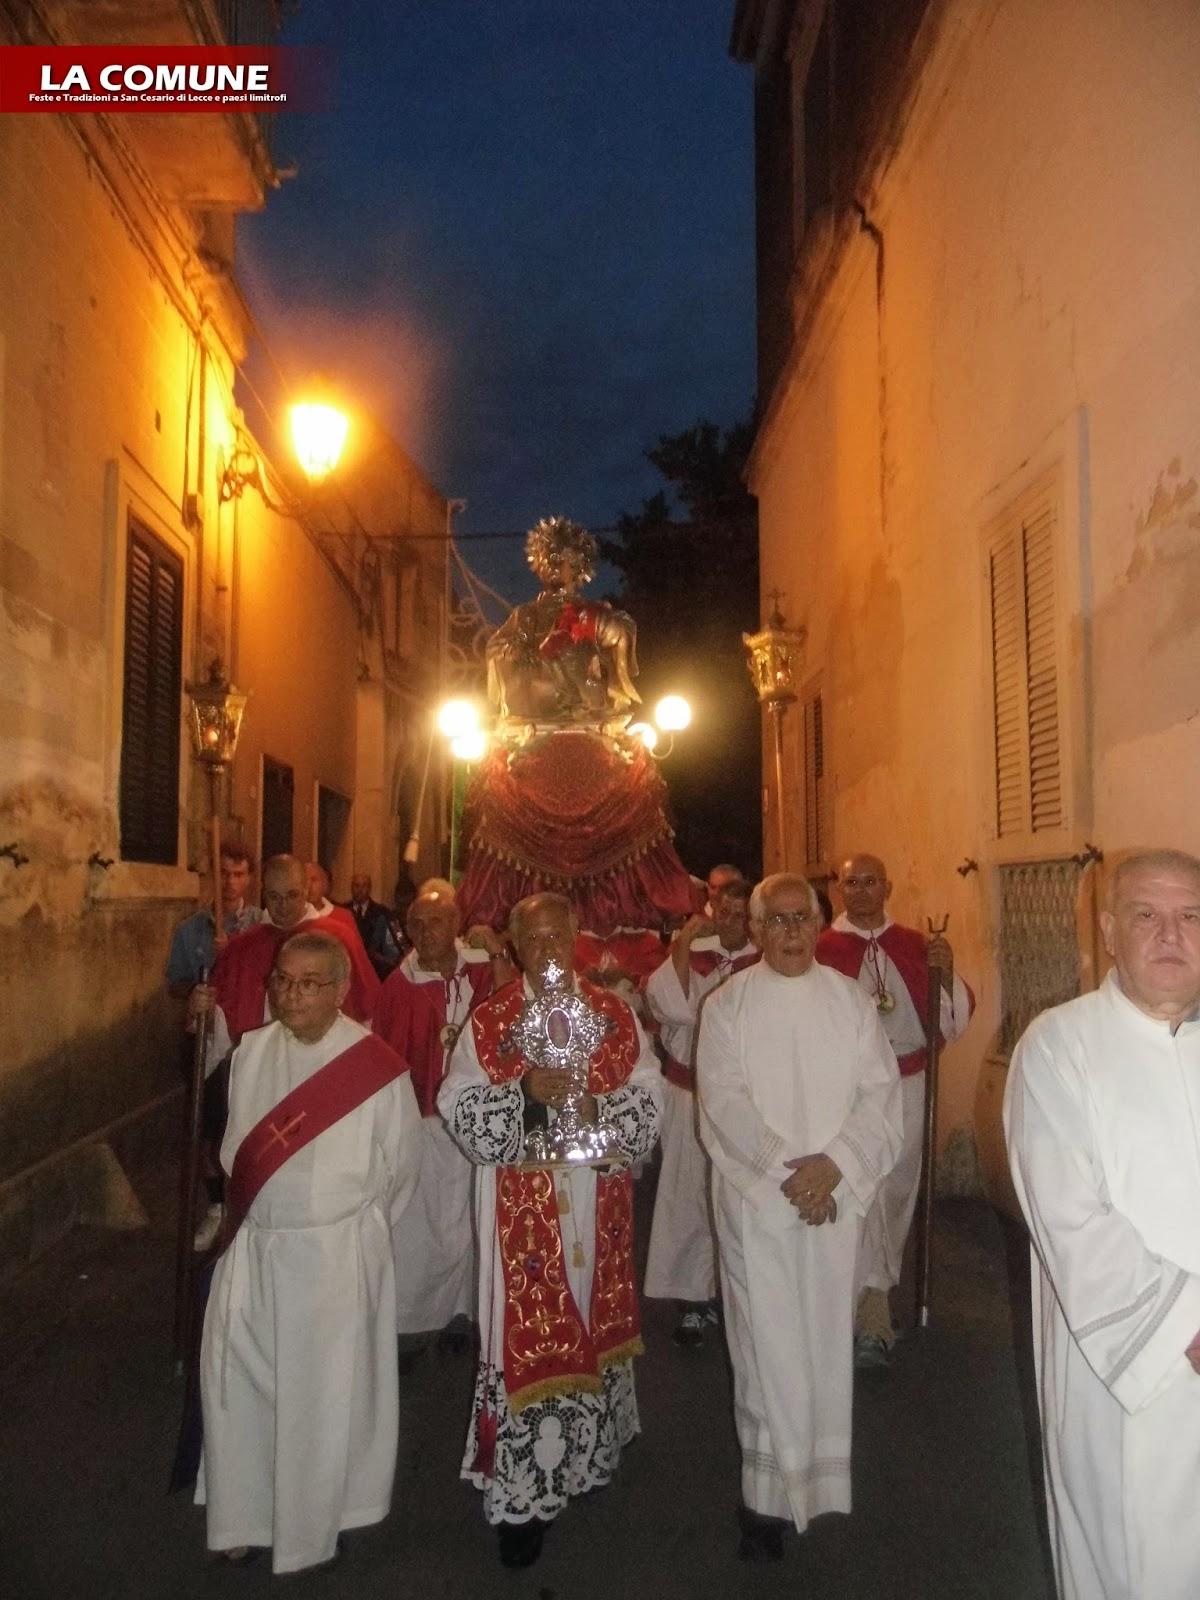 San cesario di lecce in festa per il santo patrono for Albanese arredamenti san cesario lecce